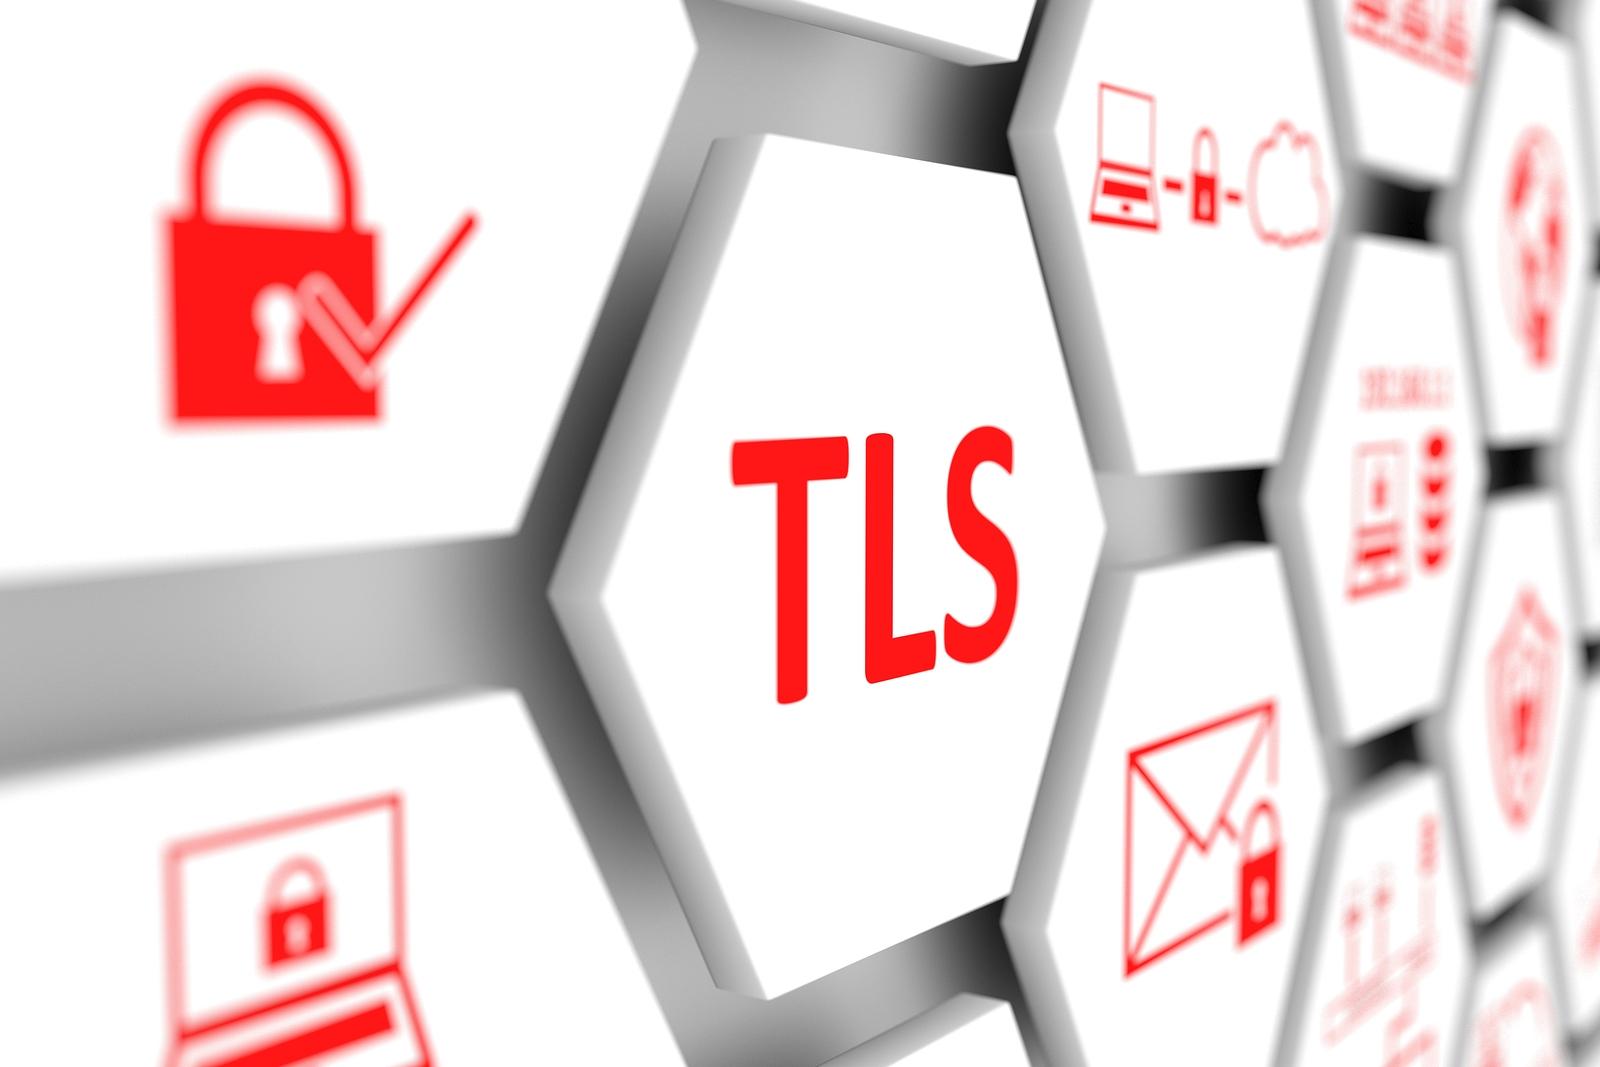 IMPORTANTE: Office 365 anuncia el fin del soporte de TLS 1.0 y 1.1.